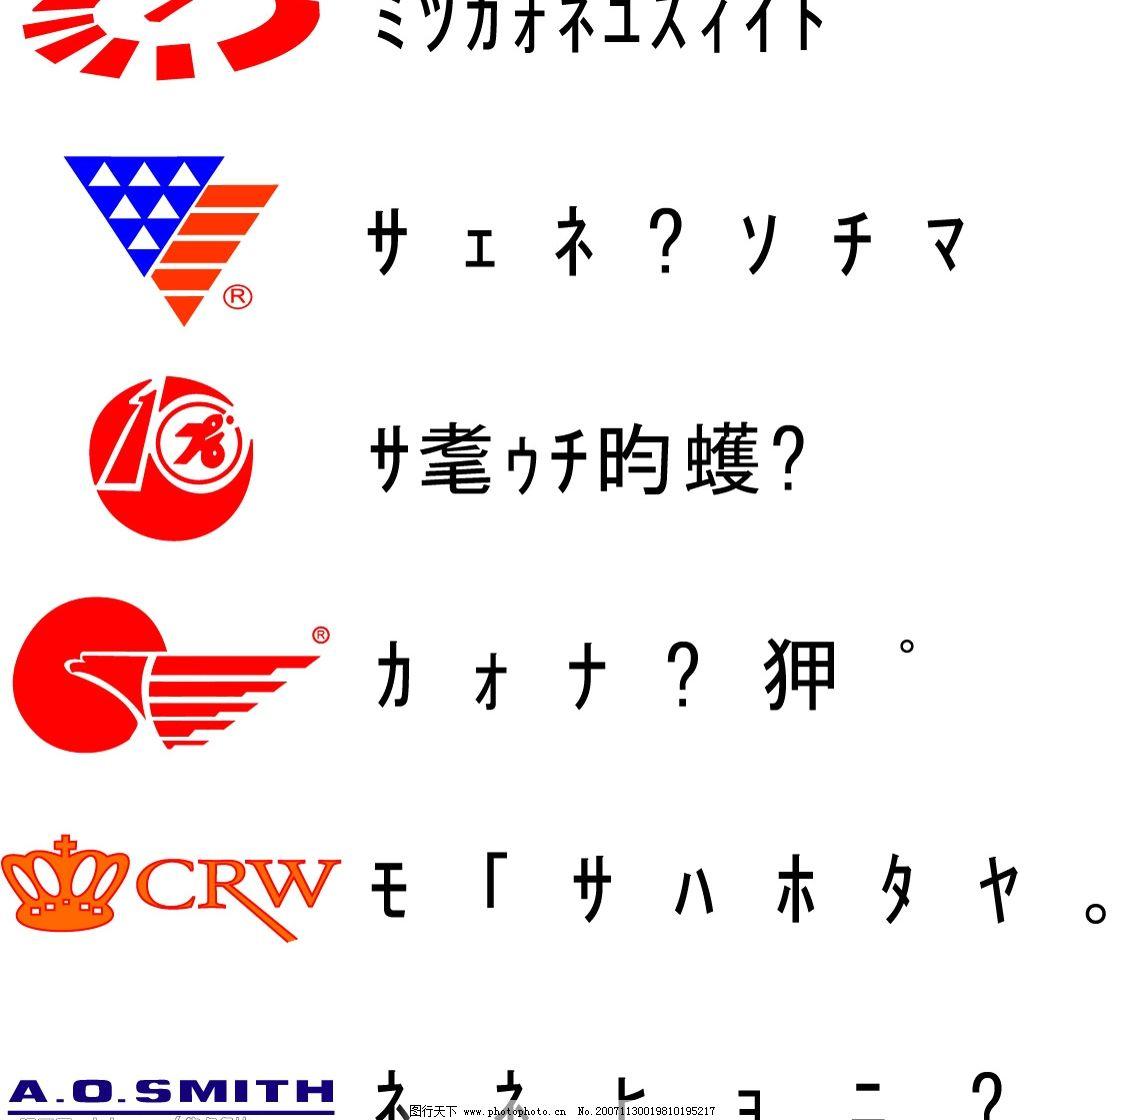 皇冠卫浴标志 标识标志图标 公共标识标志 矢量图库   cdr